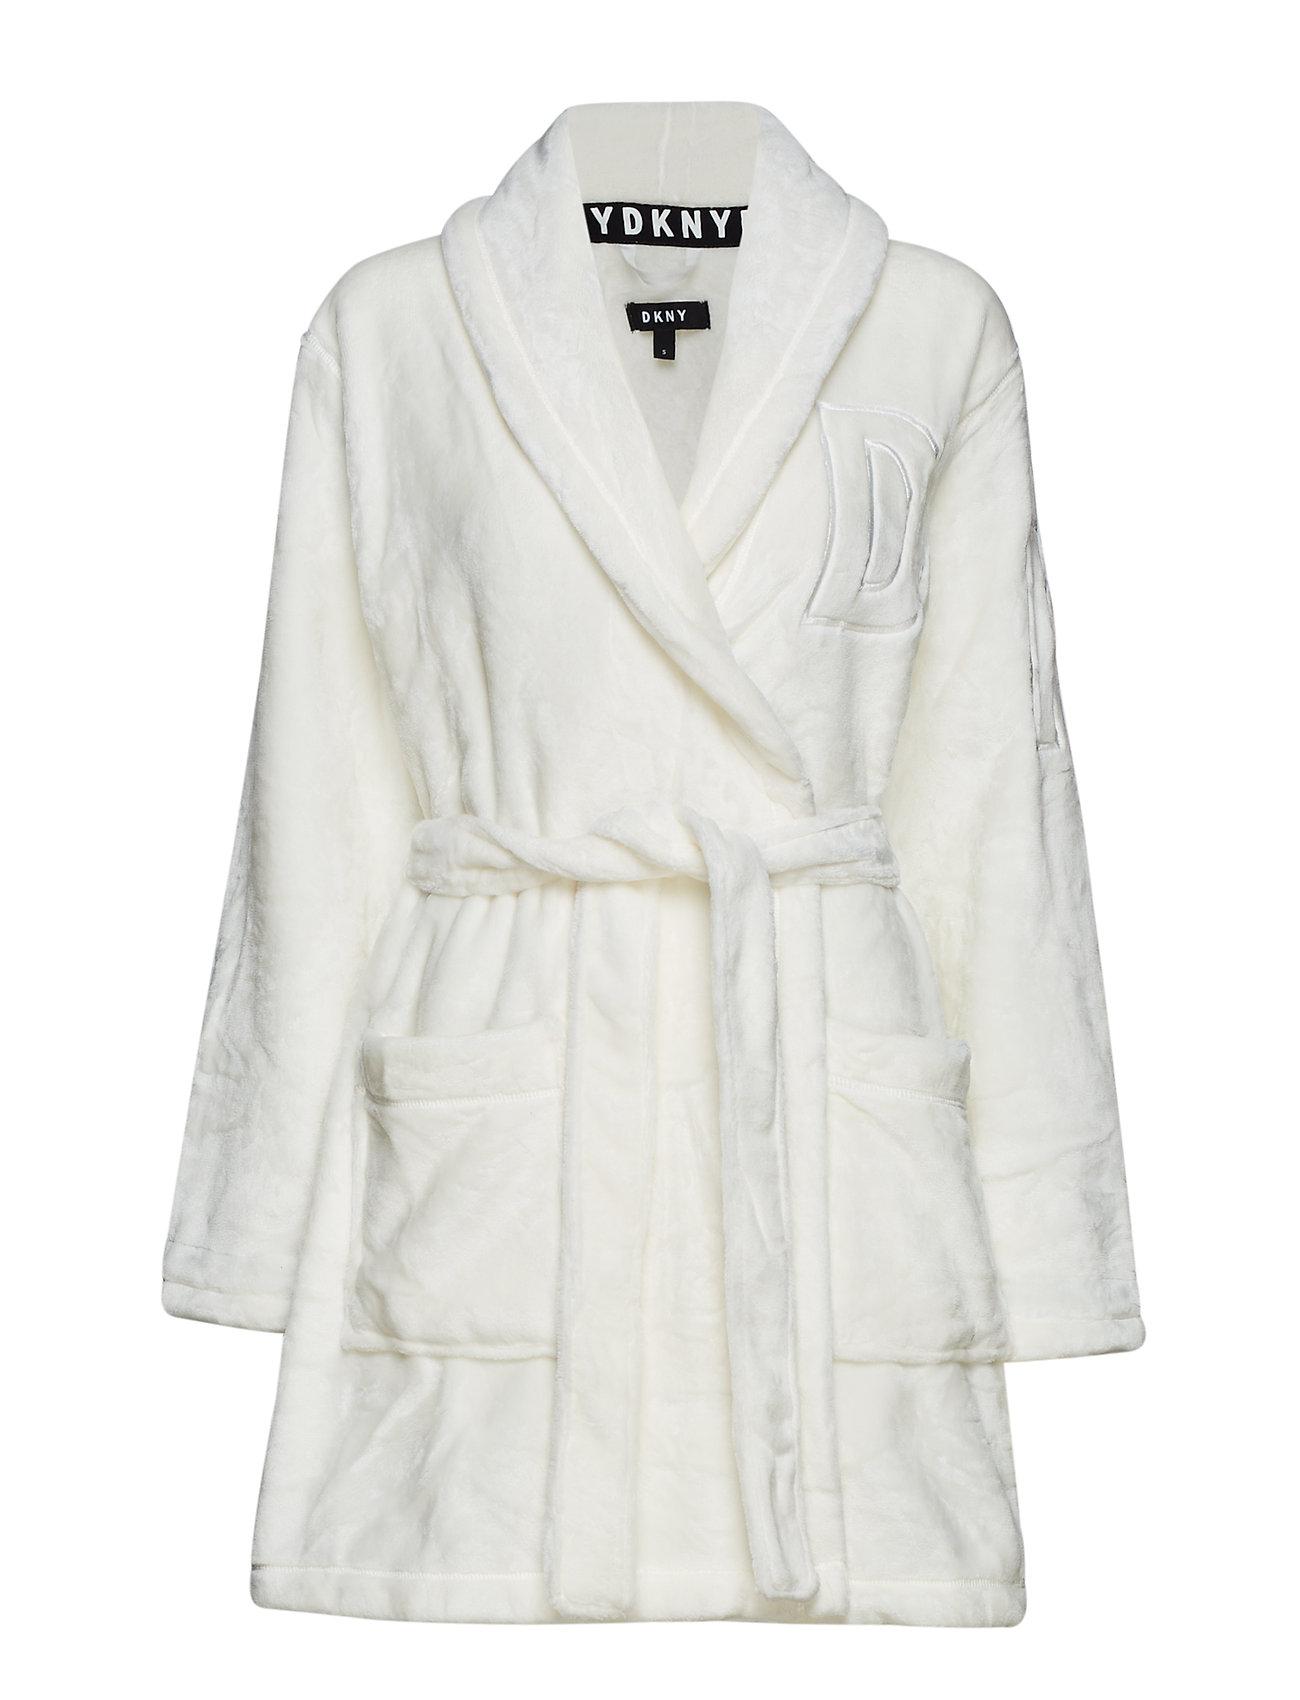 Dkny Signature Robe - DKNY Homewear